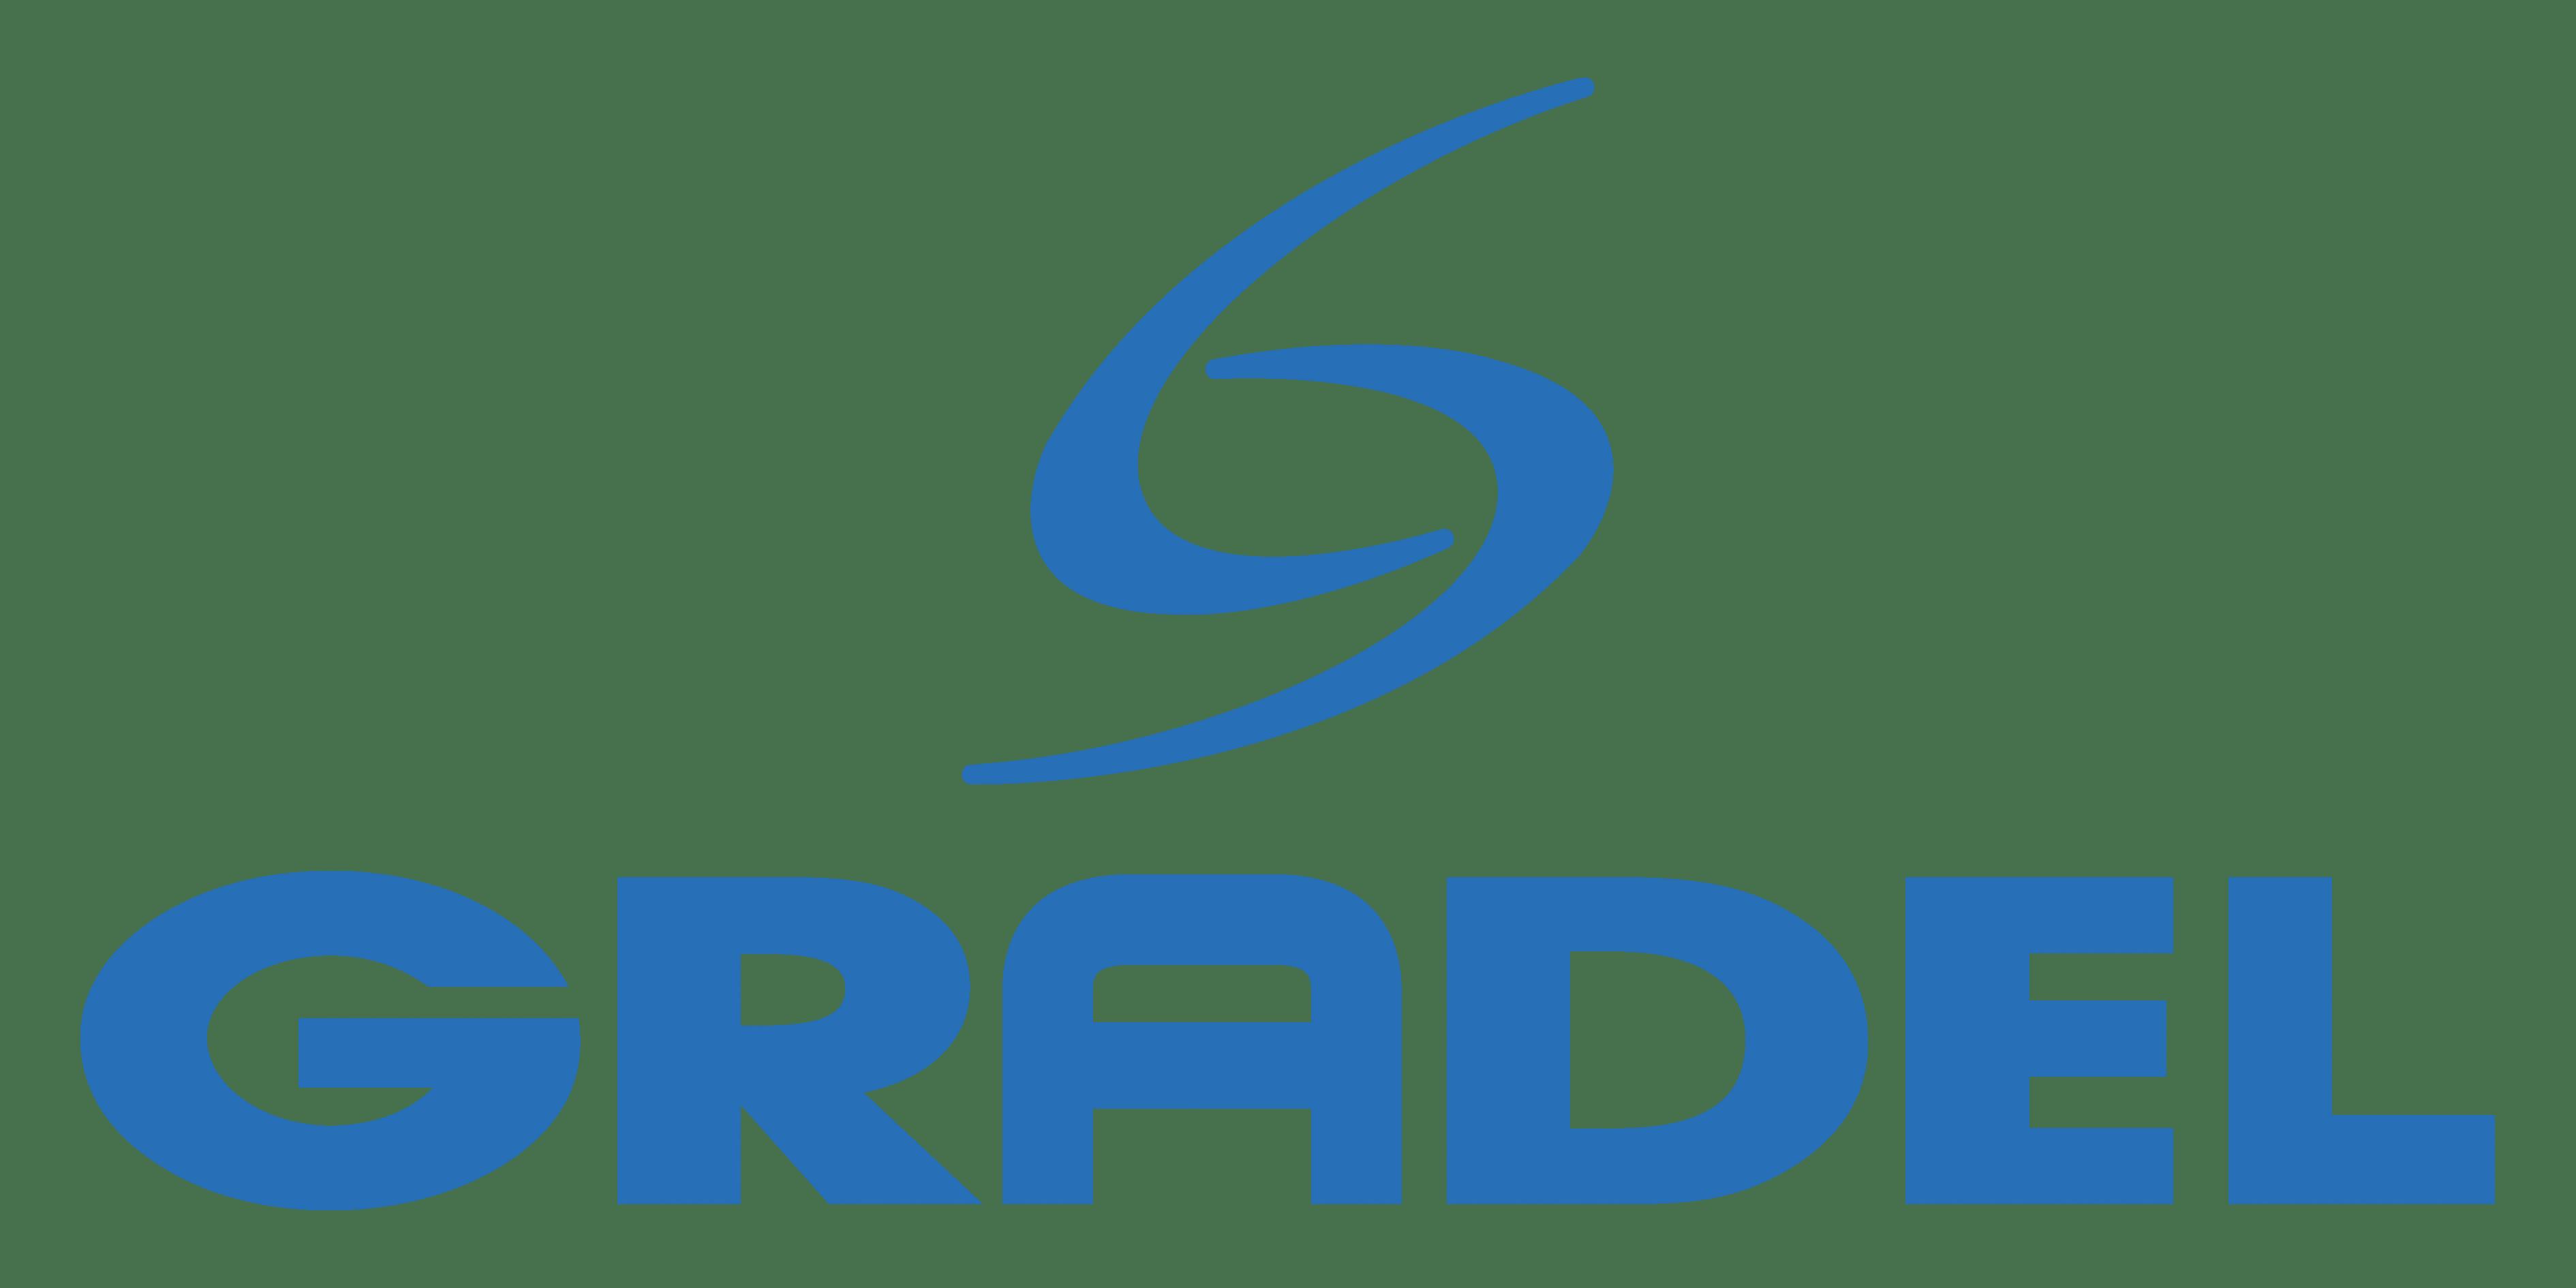 Logo of Gradel